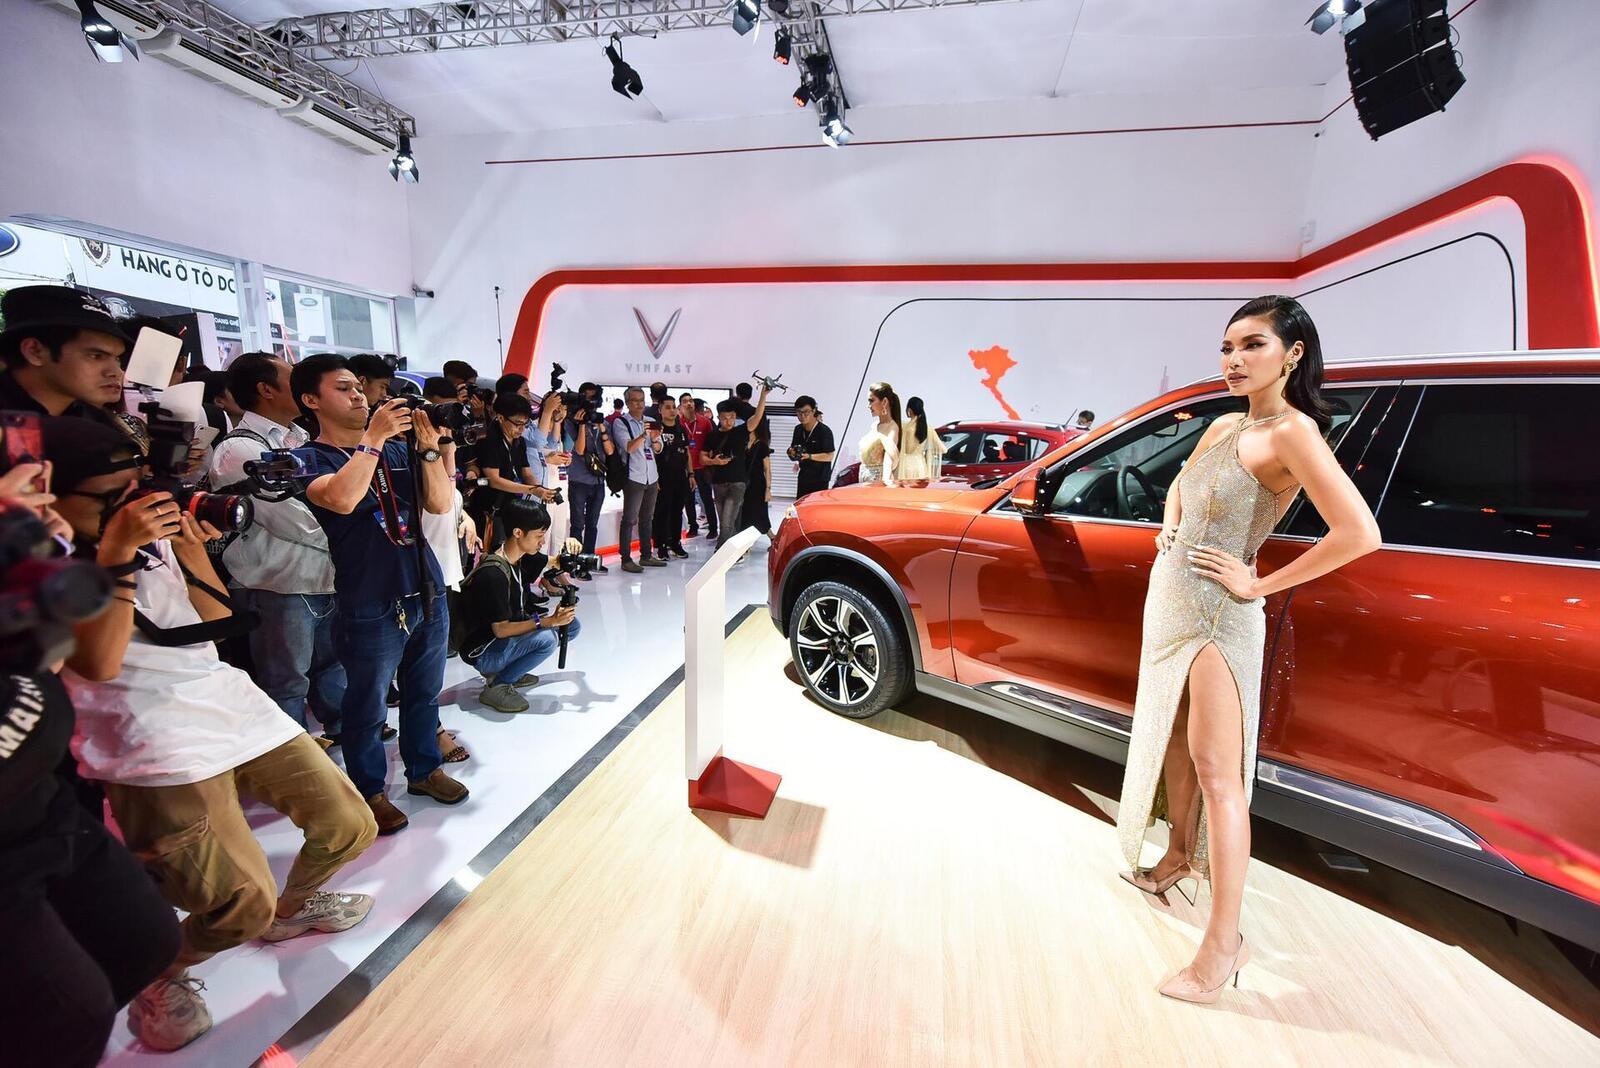 VinFast đã giao xe bản thương mại từ tháng 7 nhưng những mẫu xe của hãng vẫn thu hút được sự quan tâm đặc biệt tại Vietnam Motor Show 2019 tại TP.HCM. Đây là lần đầu người dân TP.HCM được xem và trải nghiệm trực tiếp mẫu xe thương hiệu Việt này.